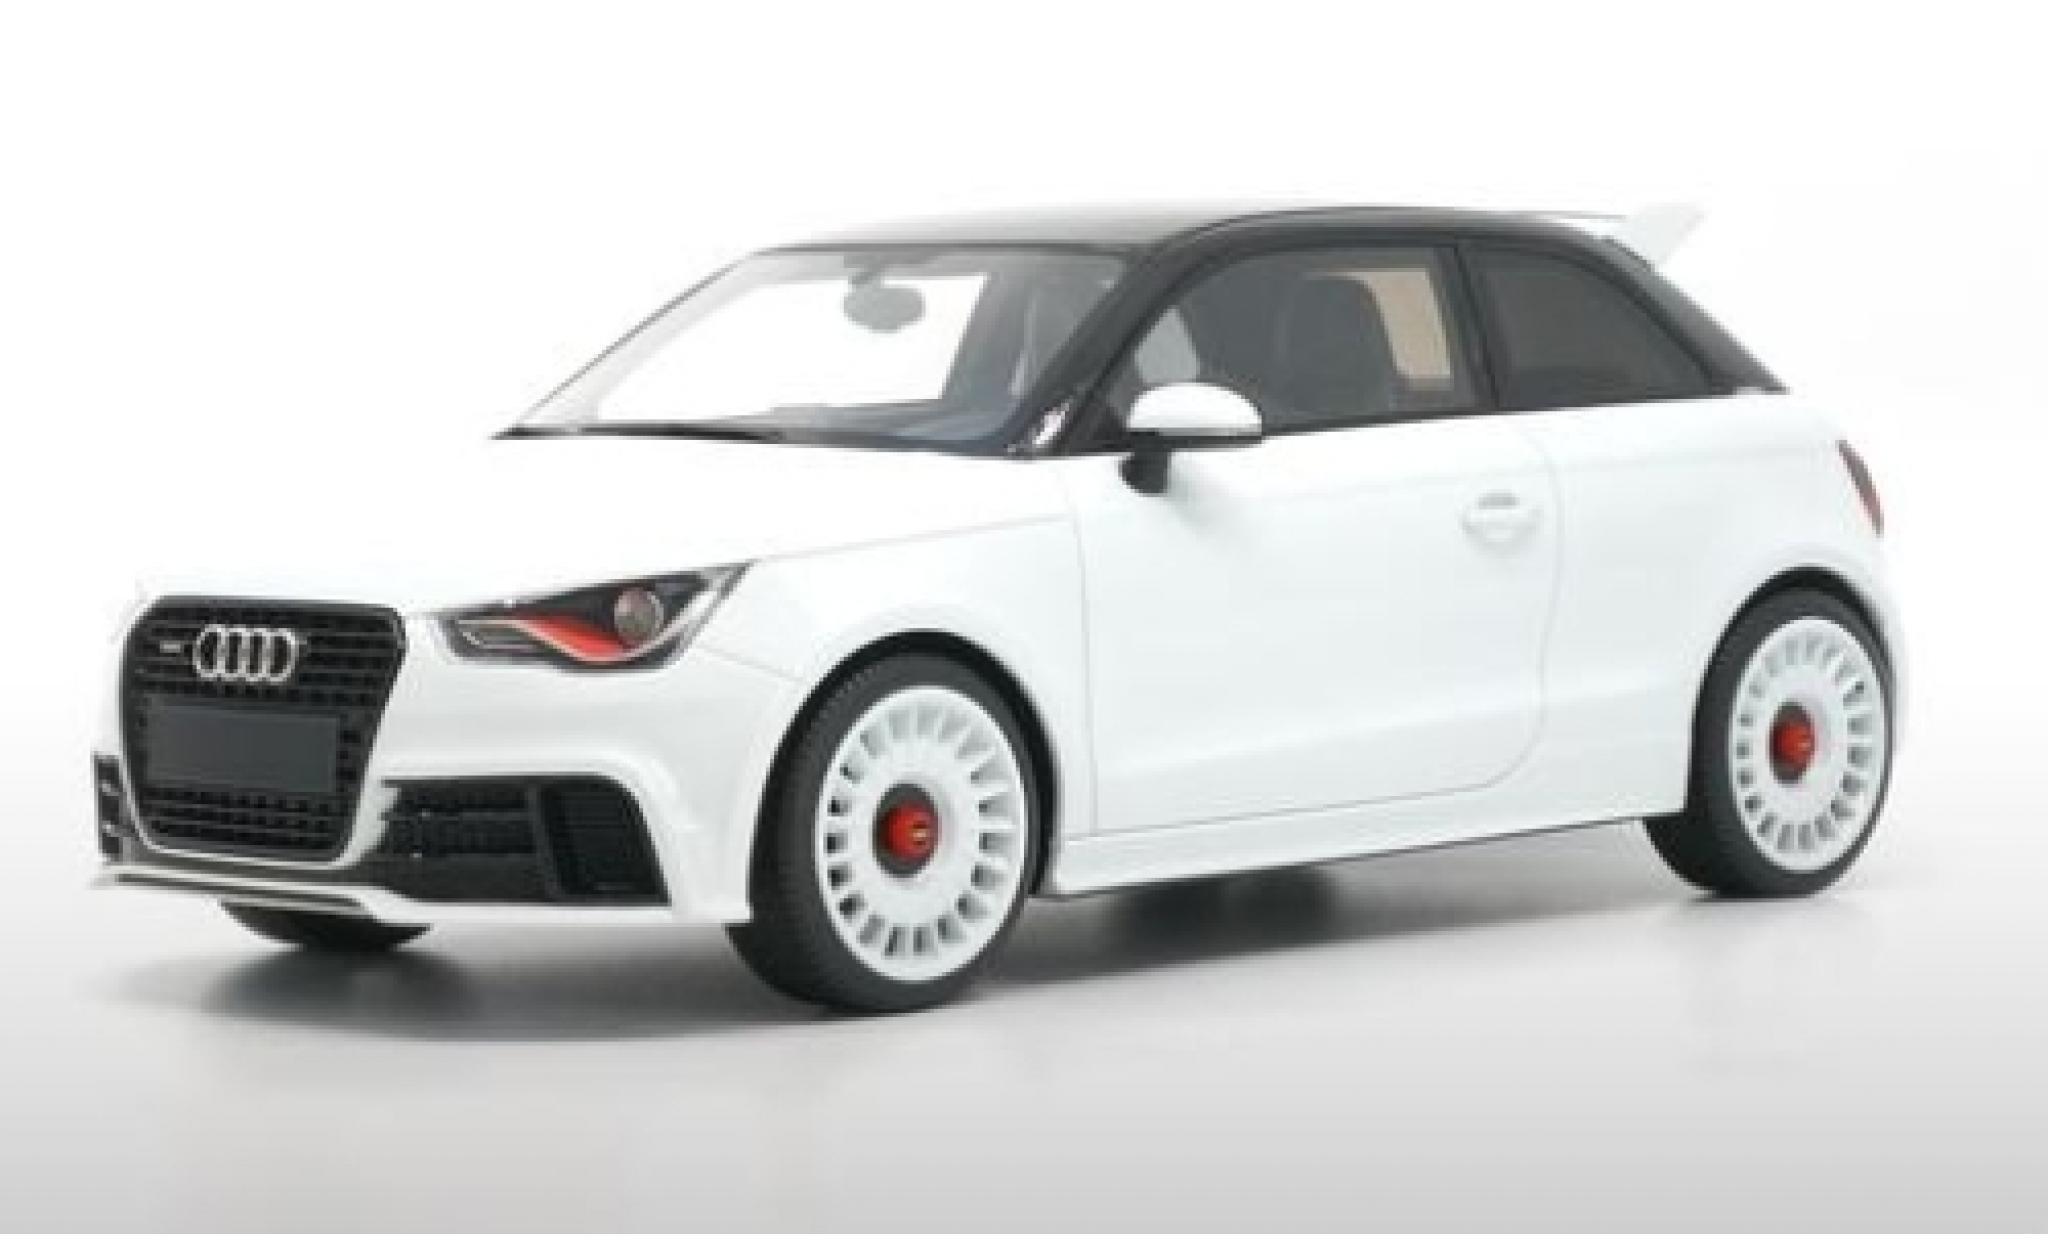 Audi A1 1/18 DNA Collectibles quattro metallise white/black 2012